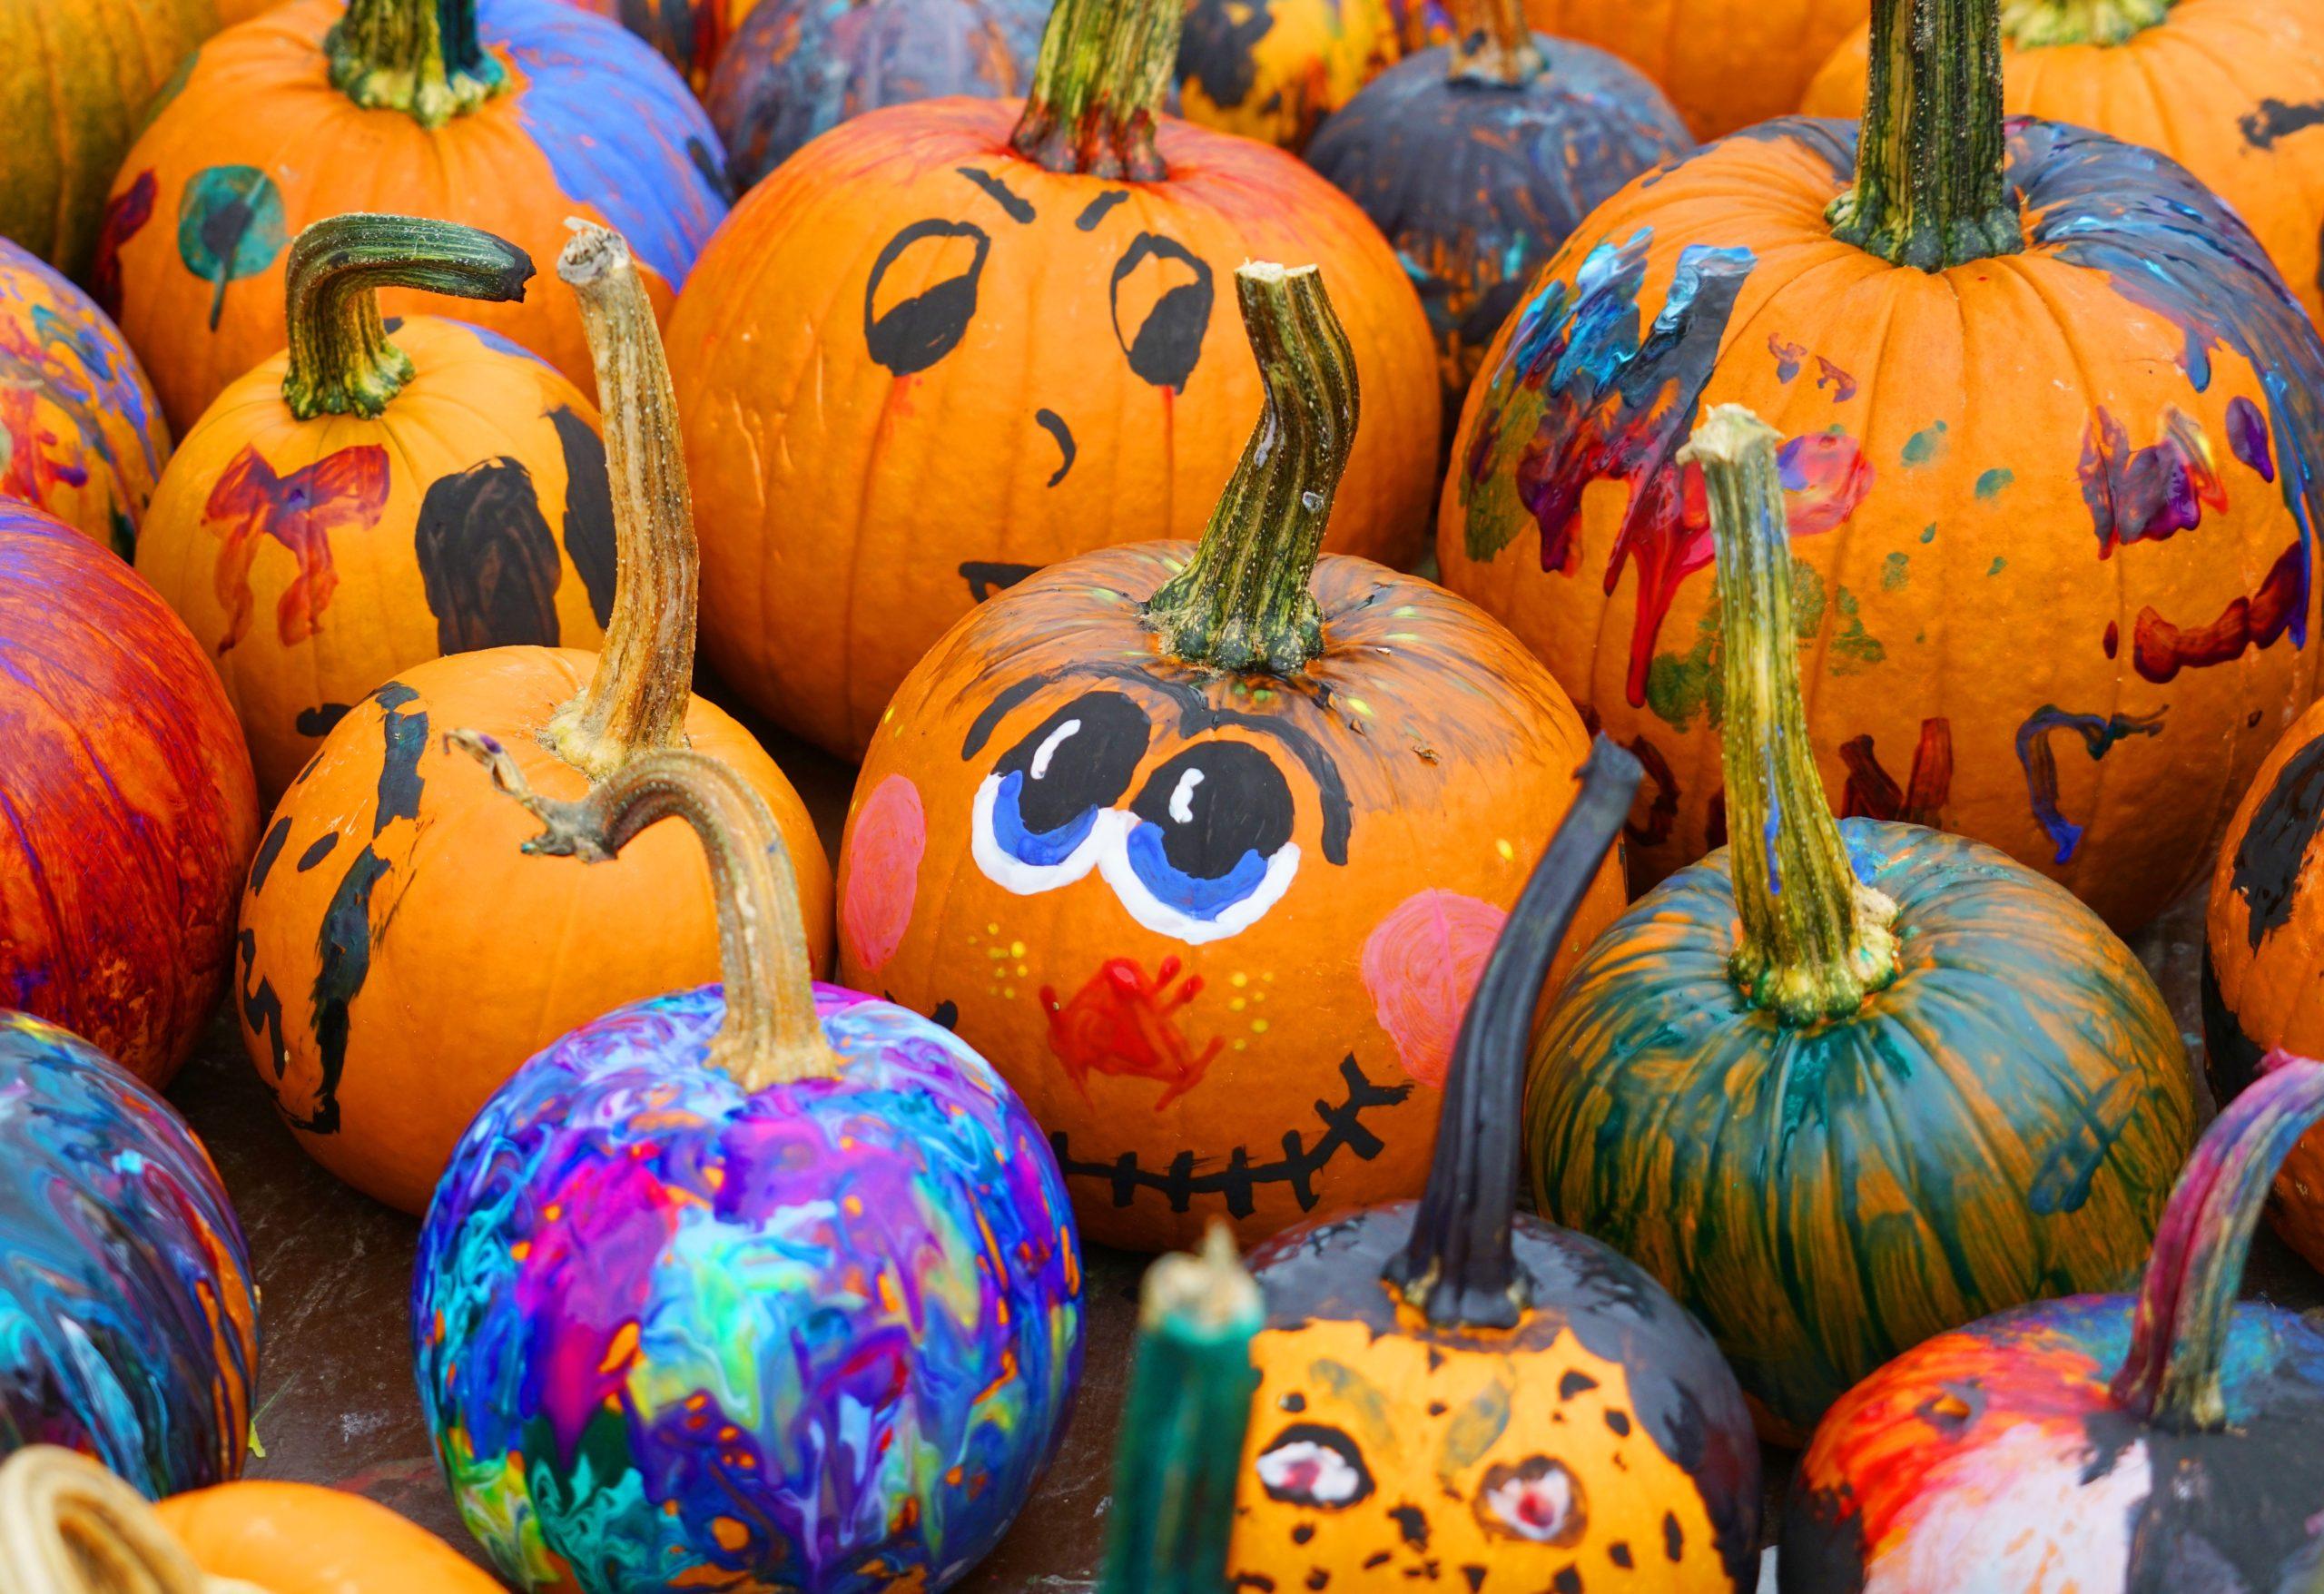 【保育カレッジ】Halloween! カナダの保育園でハロウィンアクティビティ!